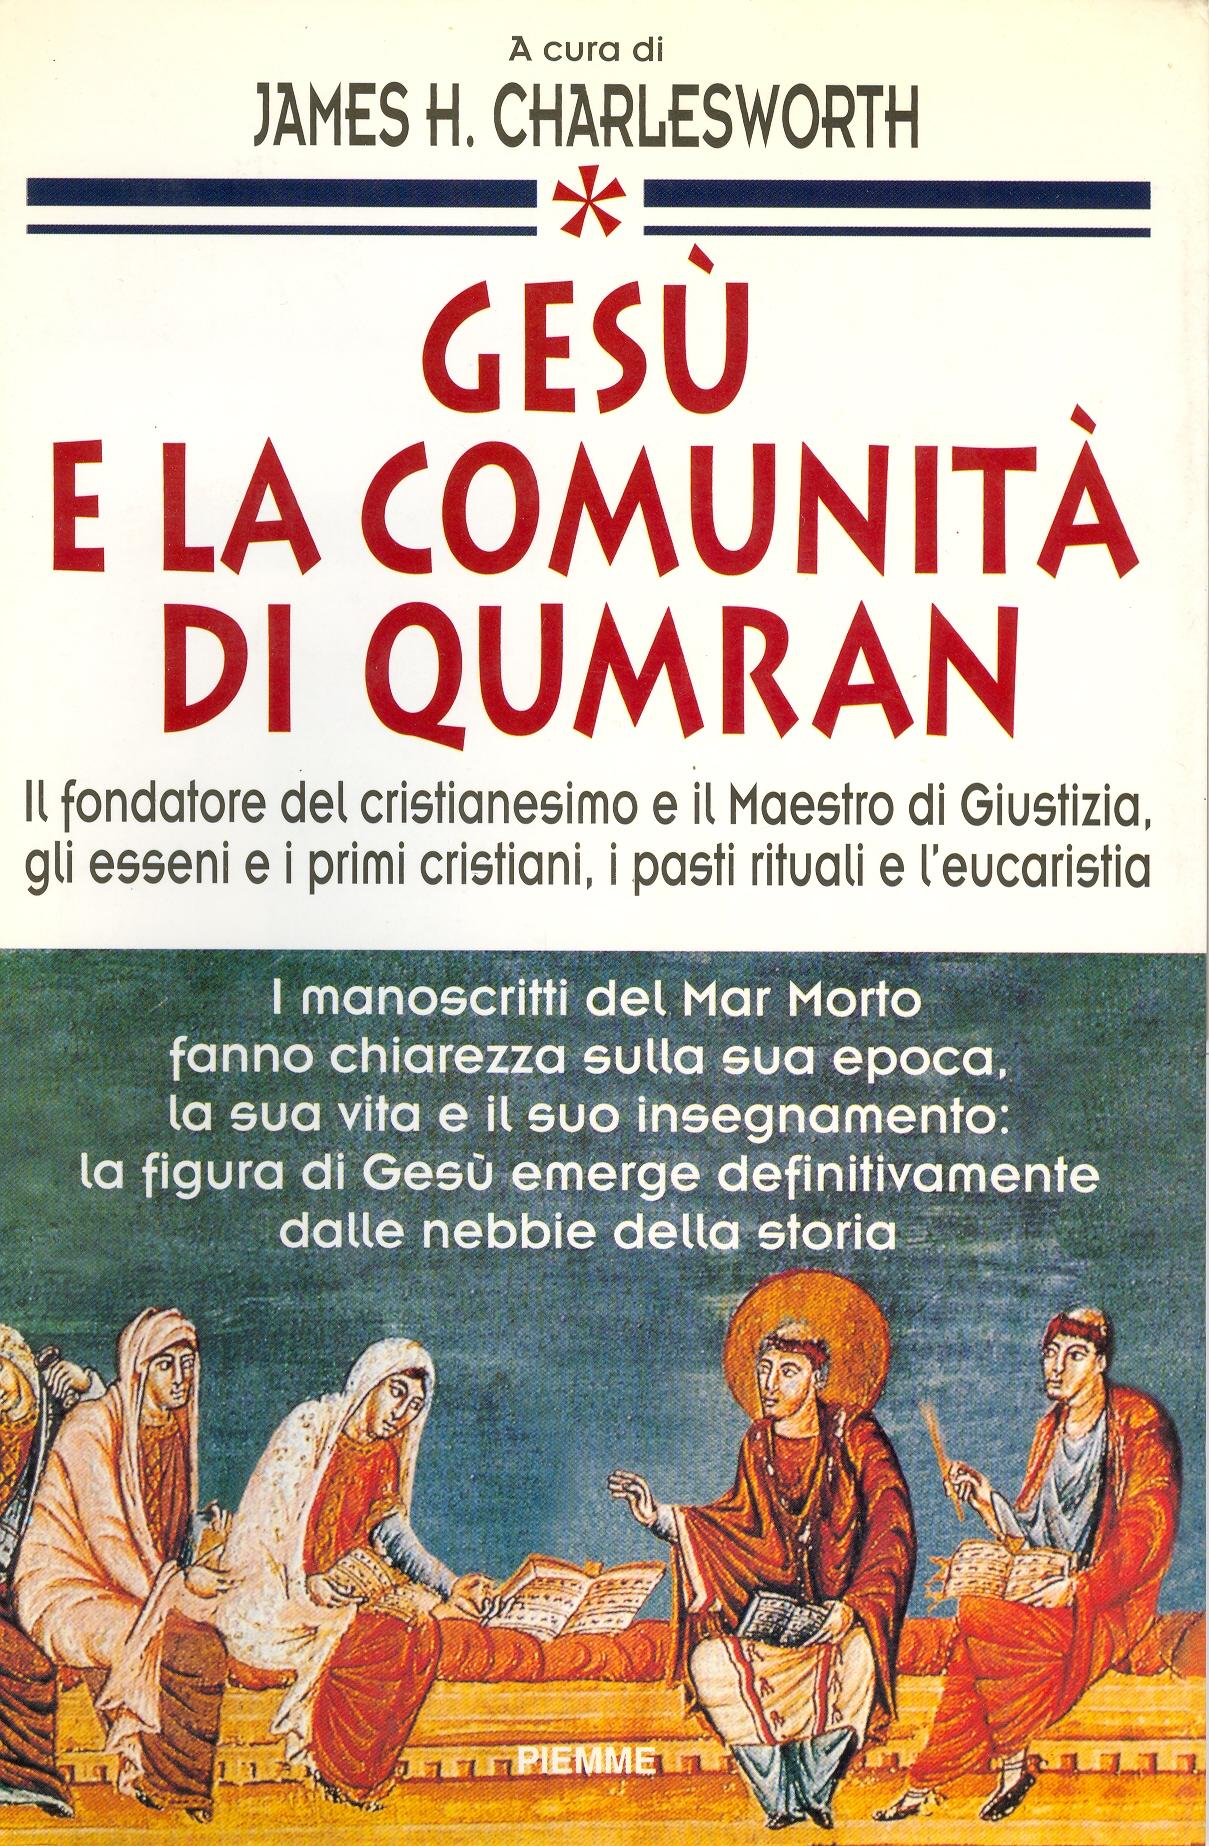 Gesù e la comunità di Qumran